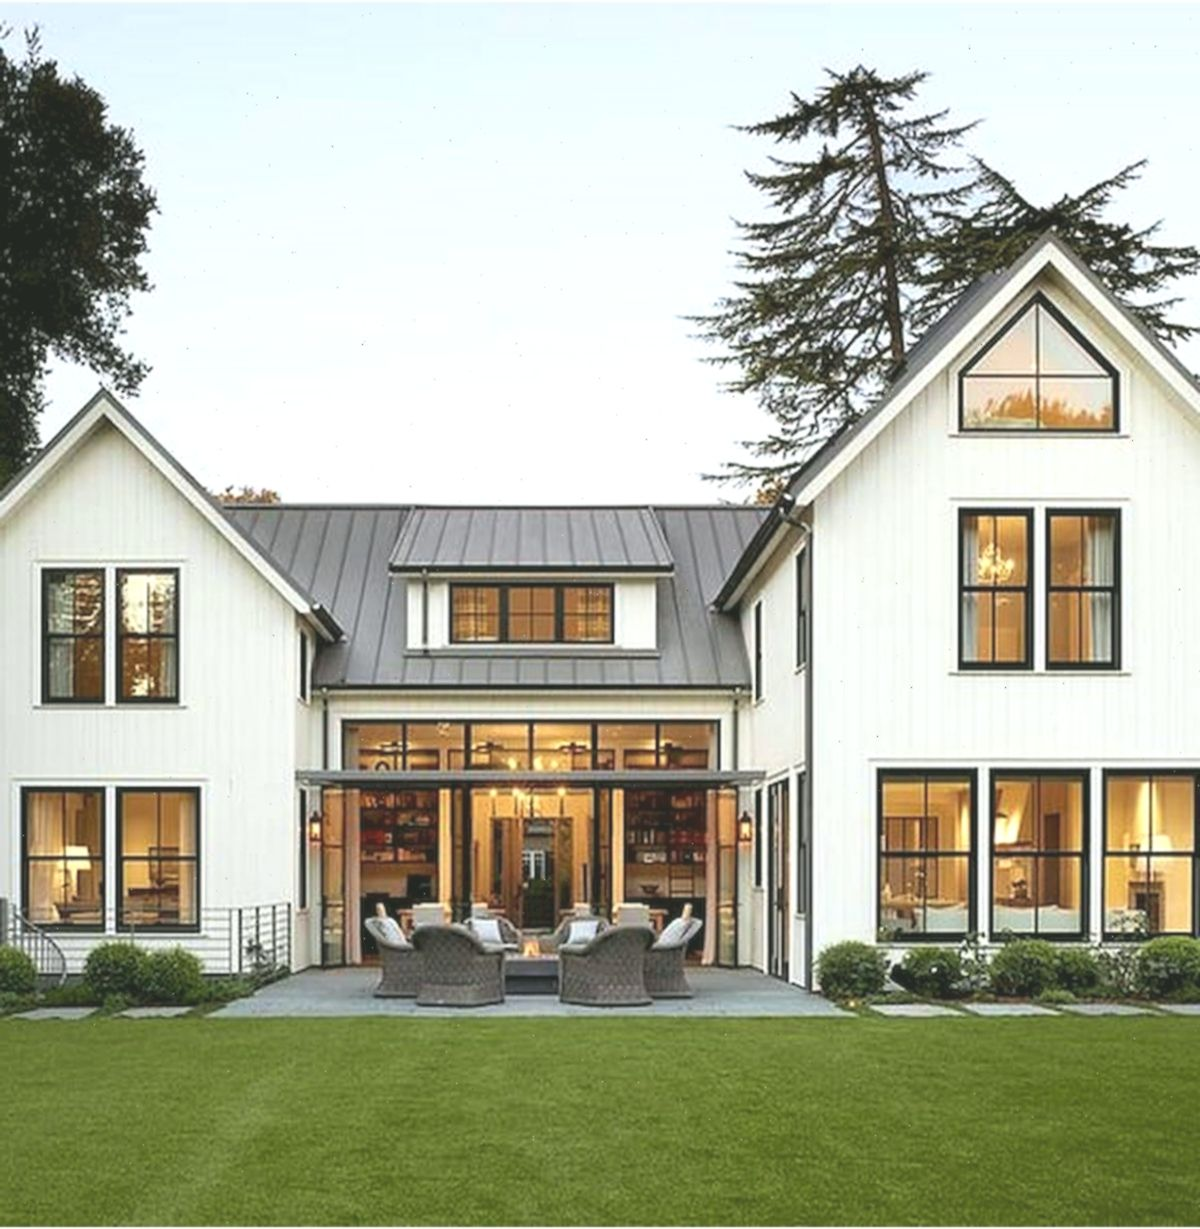 33 Best Modern Farmhouse Exterior Design Ideas #Bauernhaus